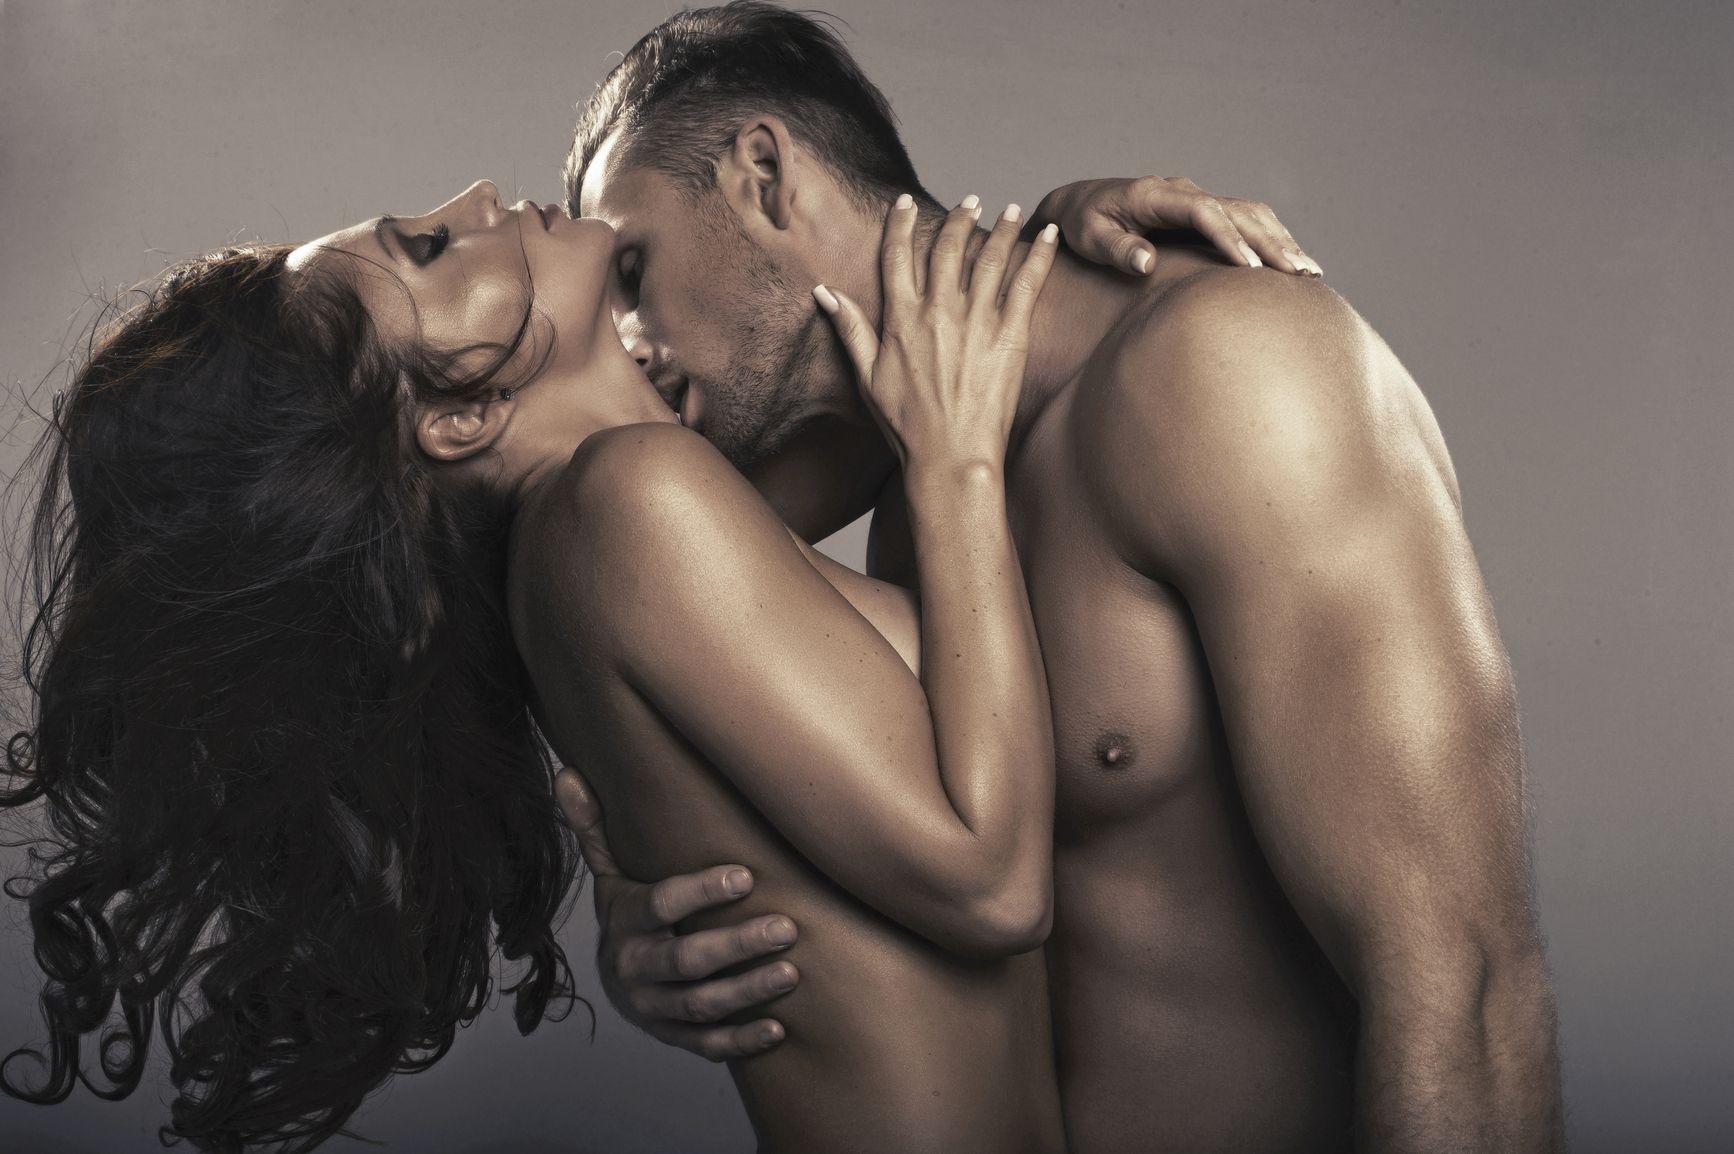 фото картинки красивые мужчины и женщины секс блузку, посмотрелась